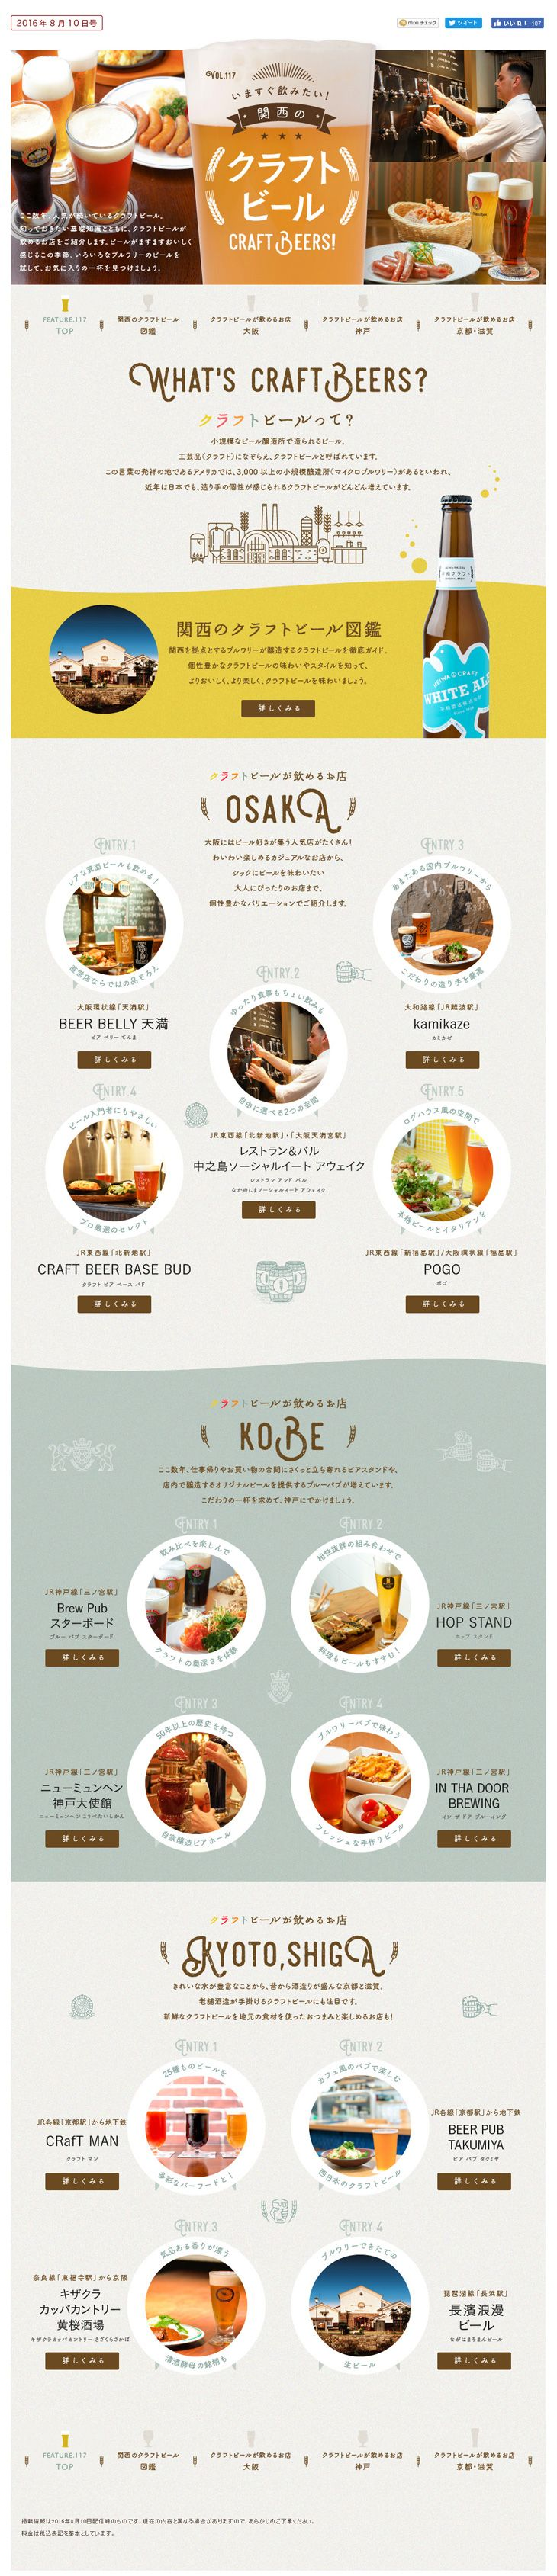 今すぐ飲みたい!関西のクラフトビール【サービス関連】のLPデザイン。WEBデザイナーさん必見!ランディングページのデザイン参考に(かわいい系)